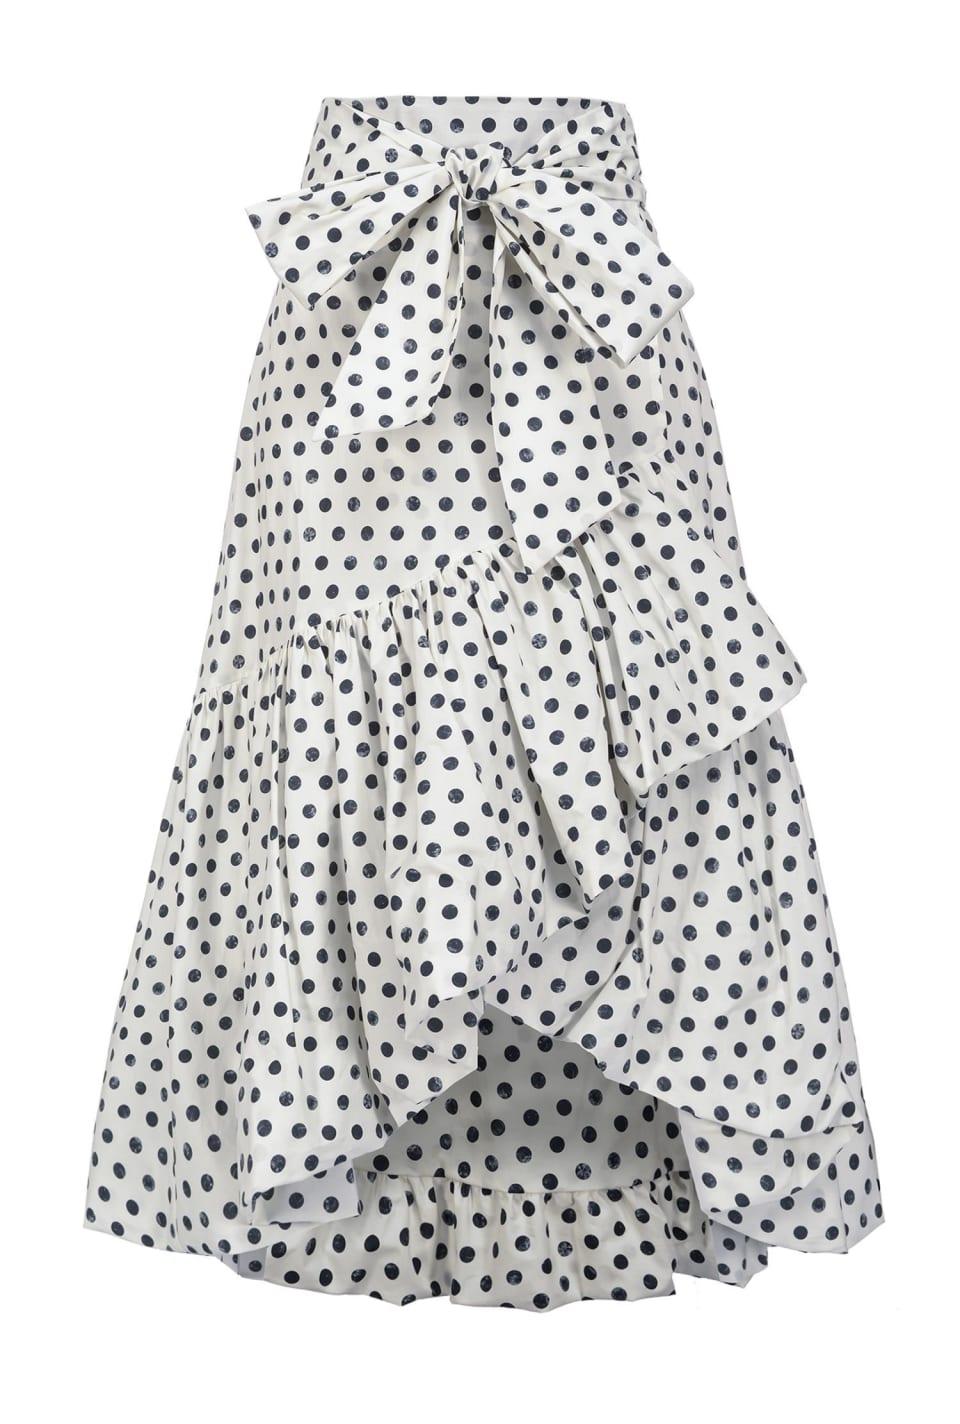 波点印花半身长裙